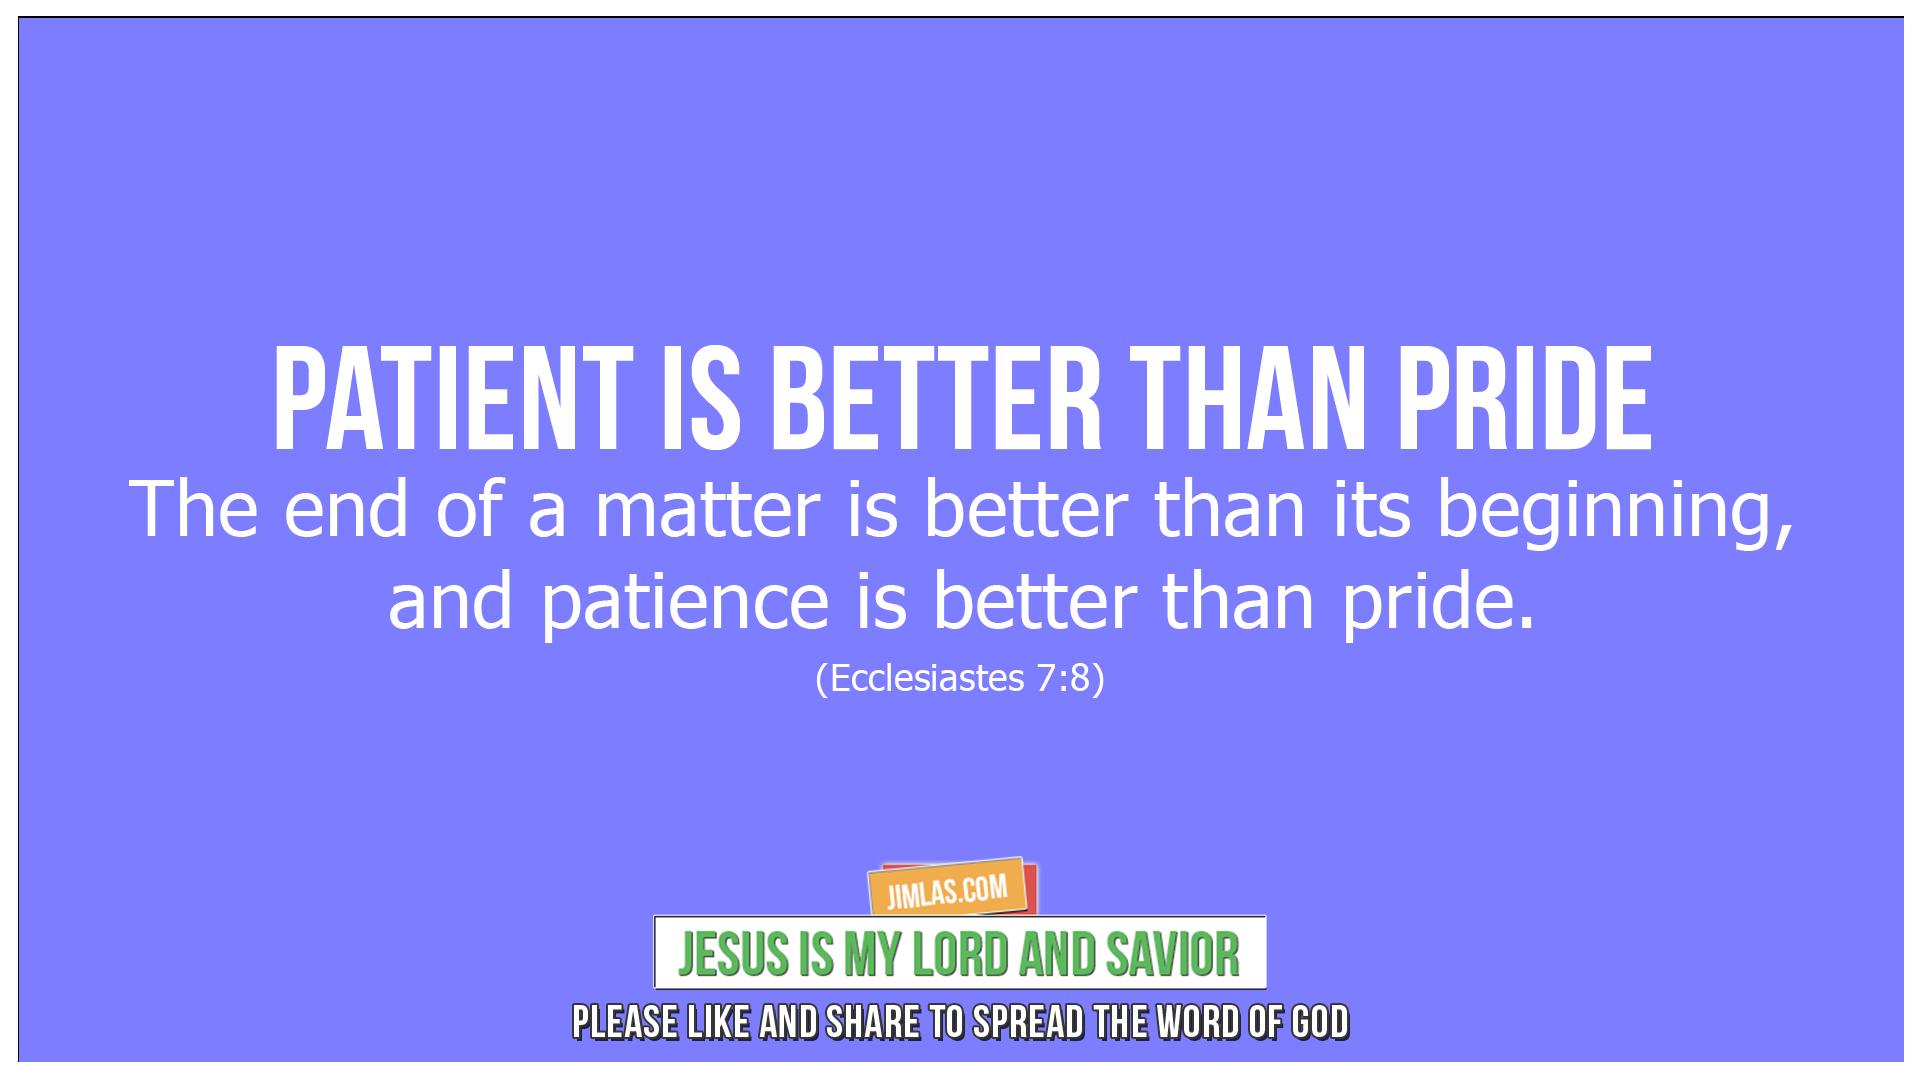 ecclesiastes 7 8, Ecclesiastes 7:8